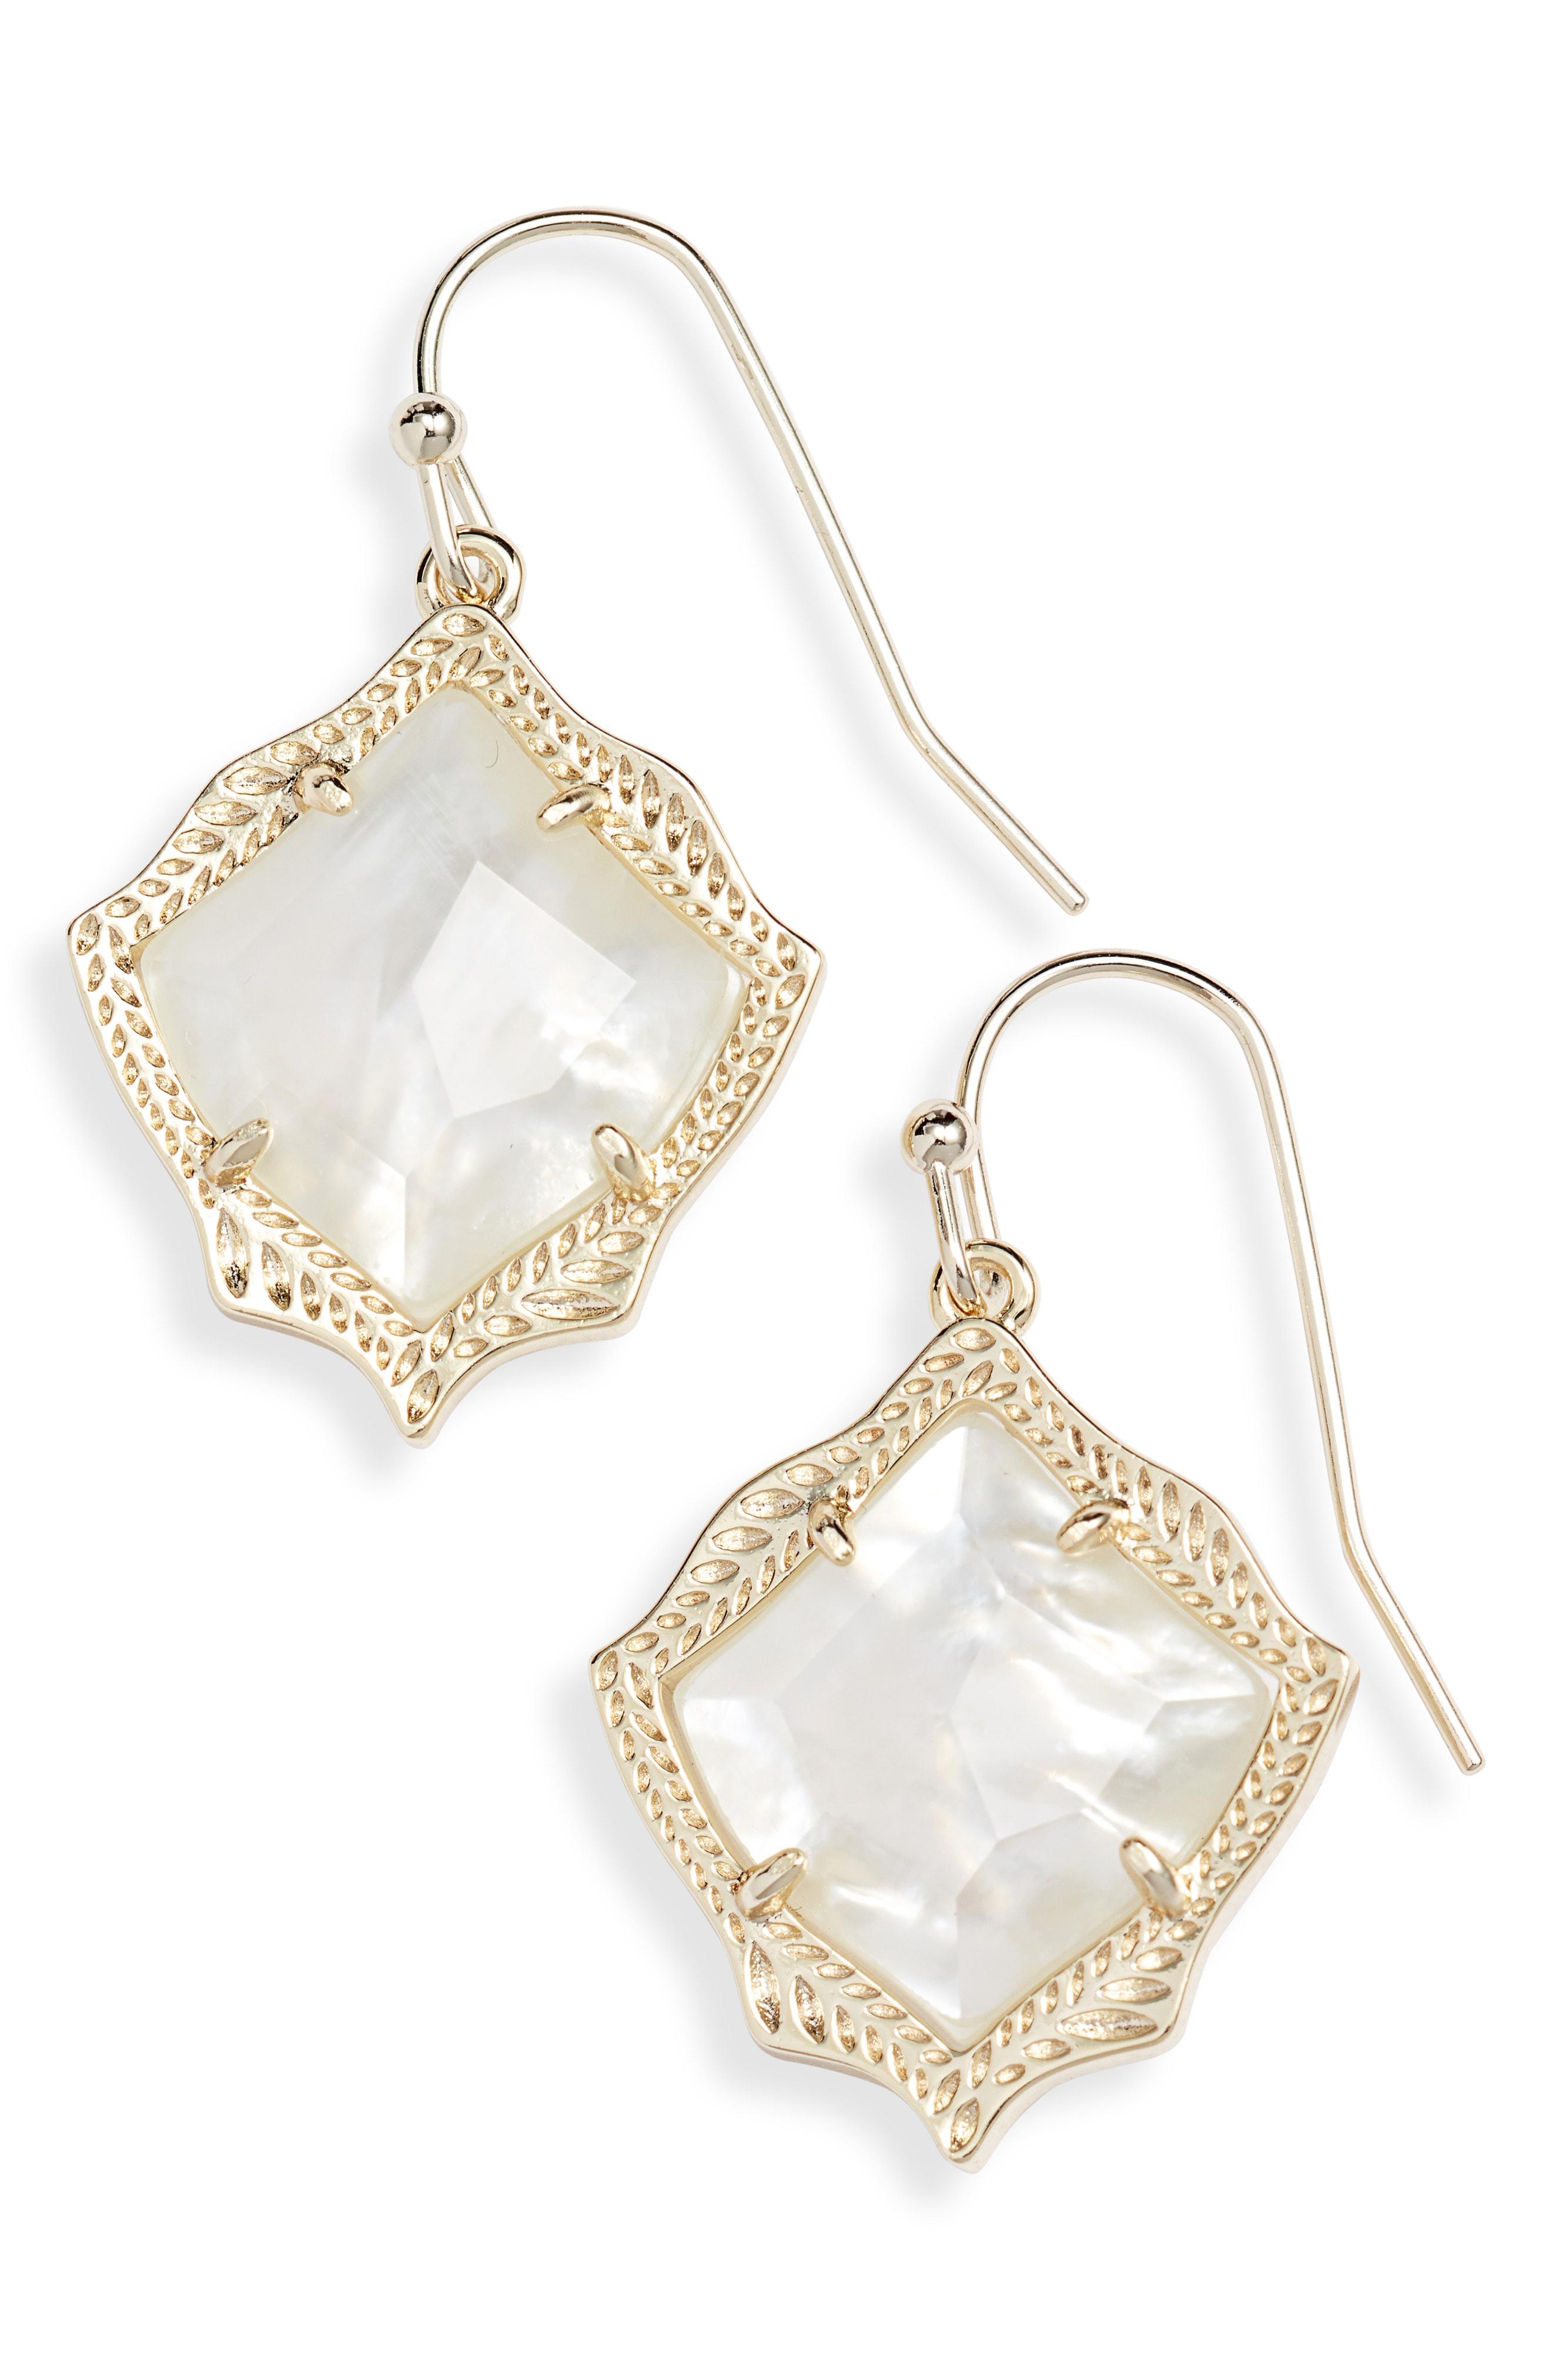 New Kendra Scott Kyrie Gold Drop Earrings In Ivory Pearl